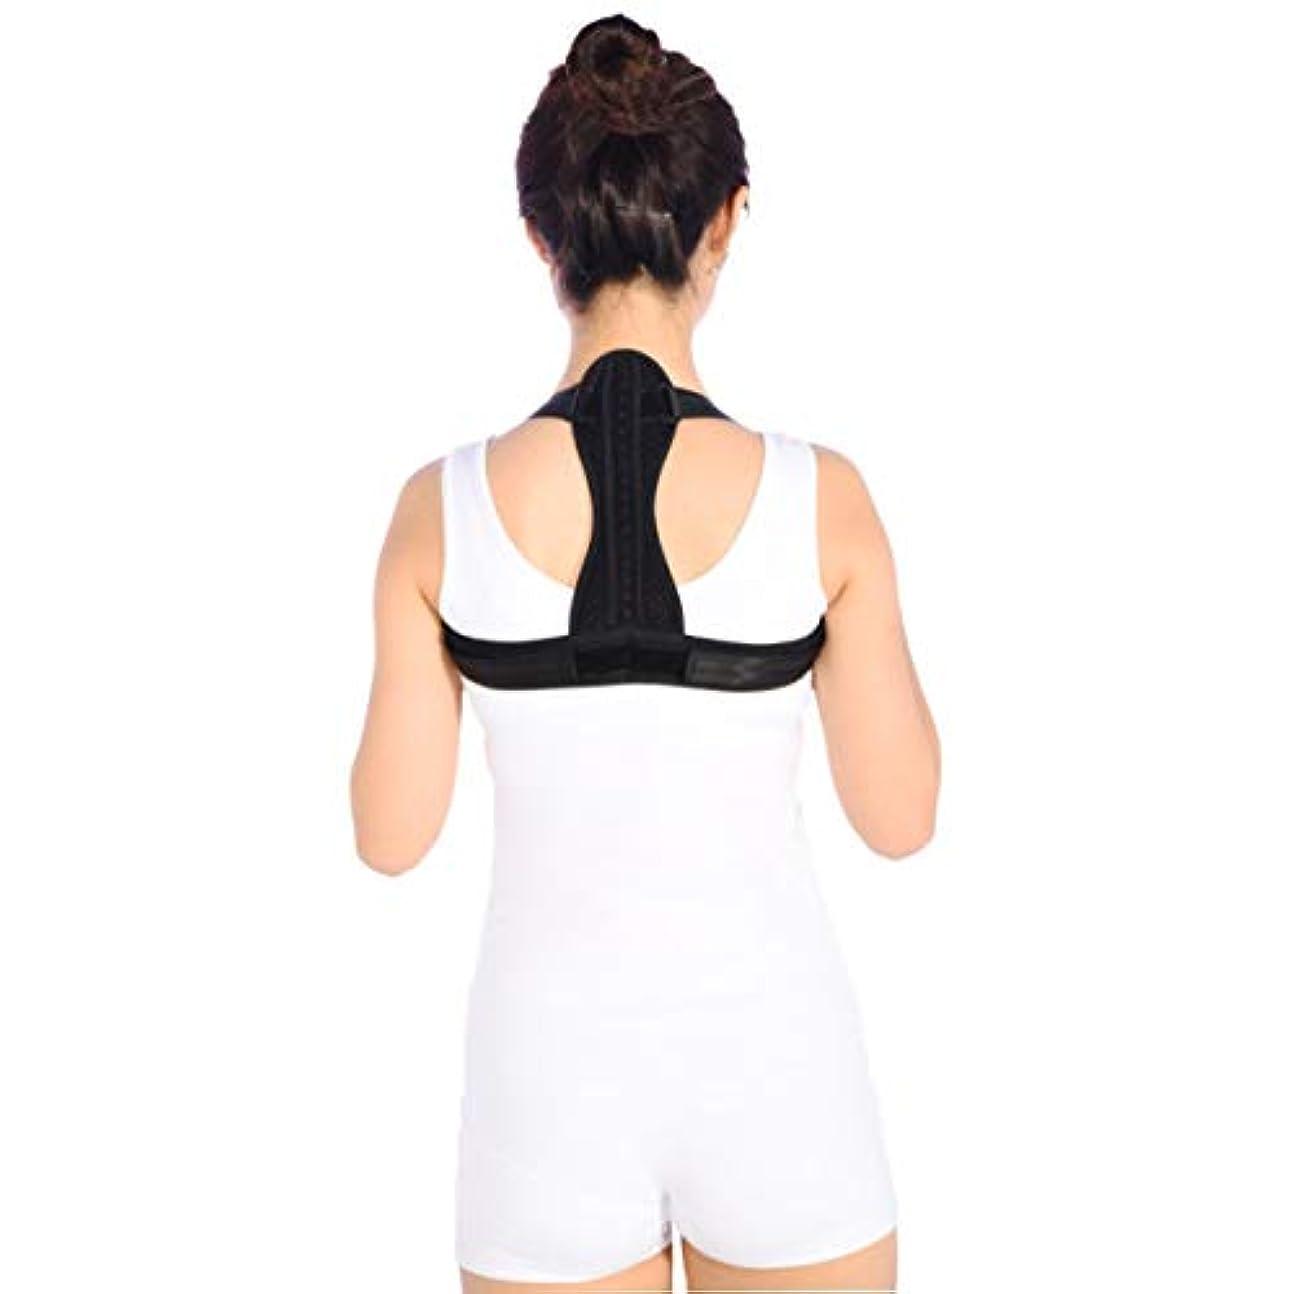 非難肥料離れた通気性の脊柱側弯症ザトウクジラ補正ベルト調節可能な快適さ目に見えないベルト男性女性大人学生子供 - 黒